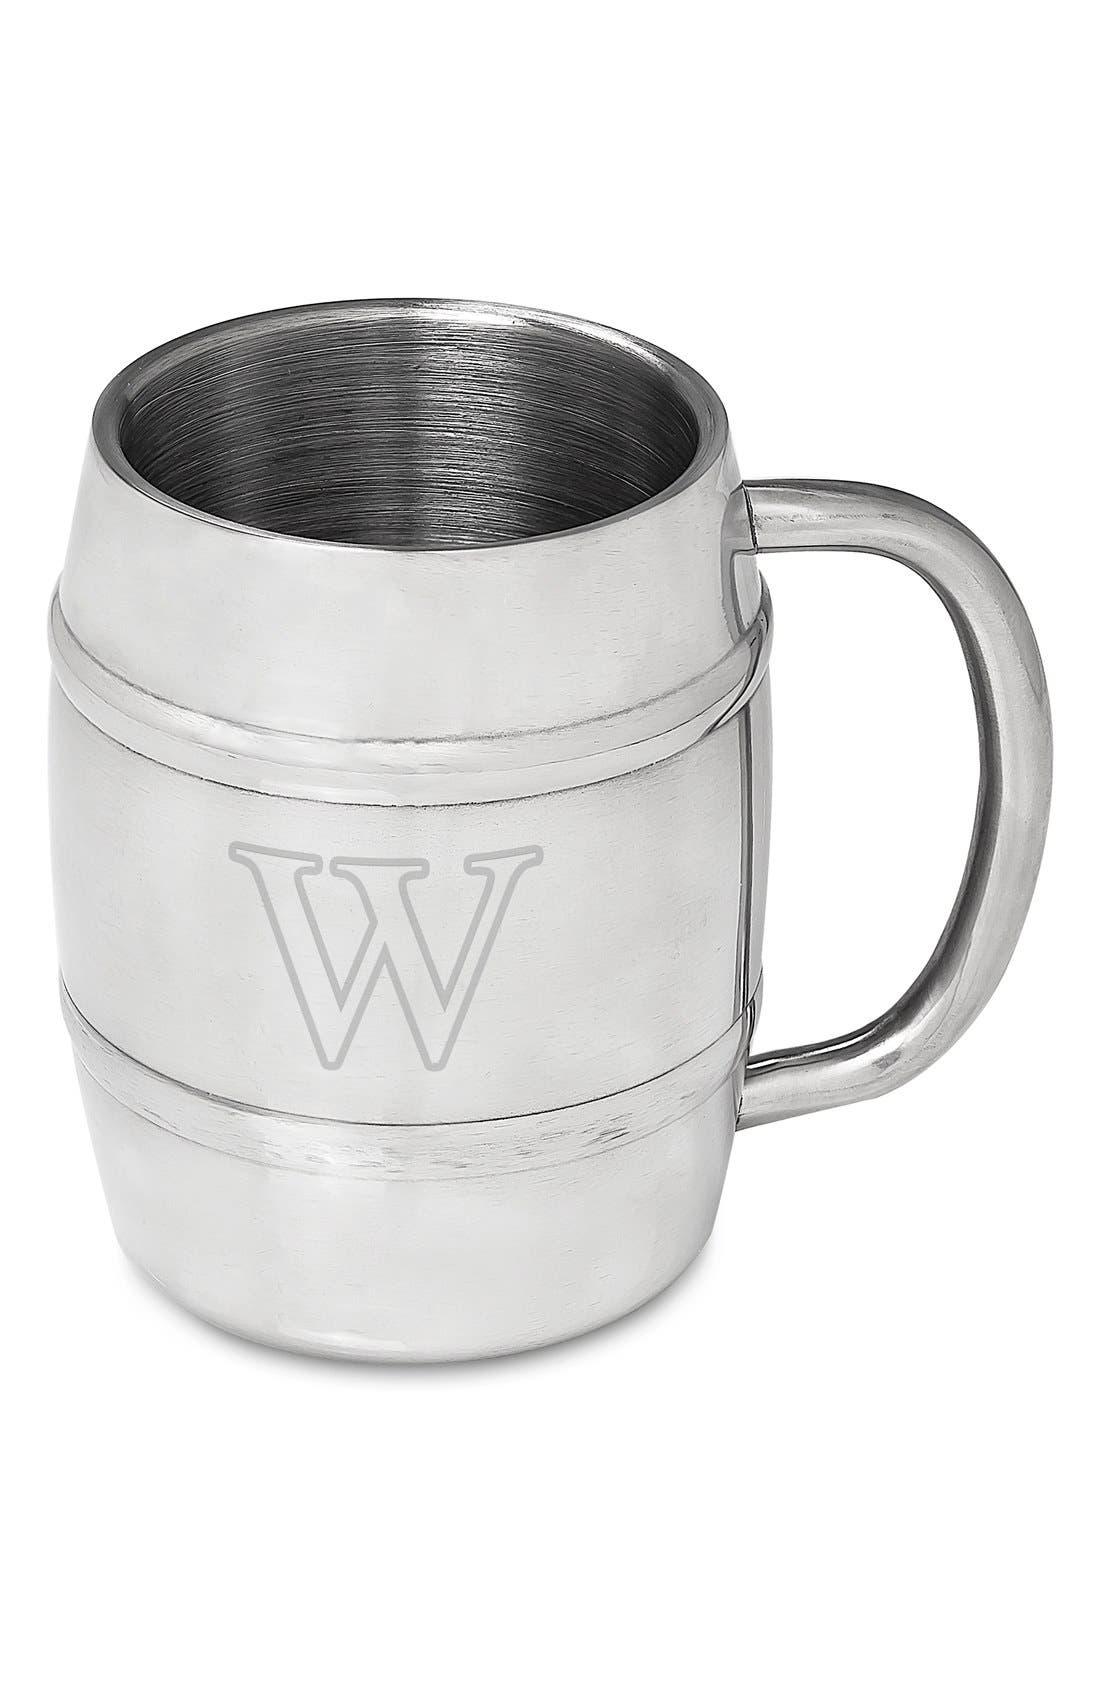 Monogram Stainless Steel Keg Mug,                             Alternate thumbnail 51, color,